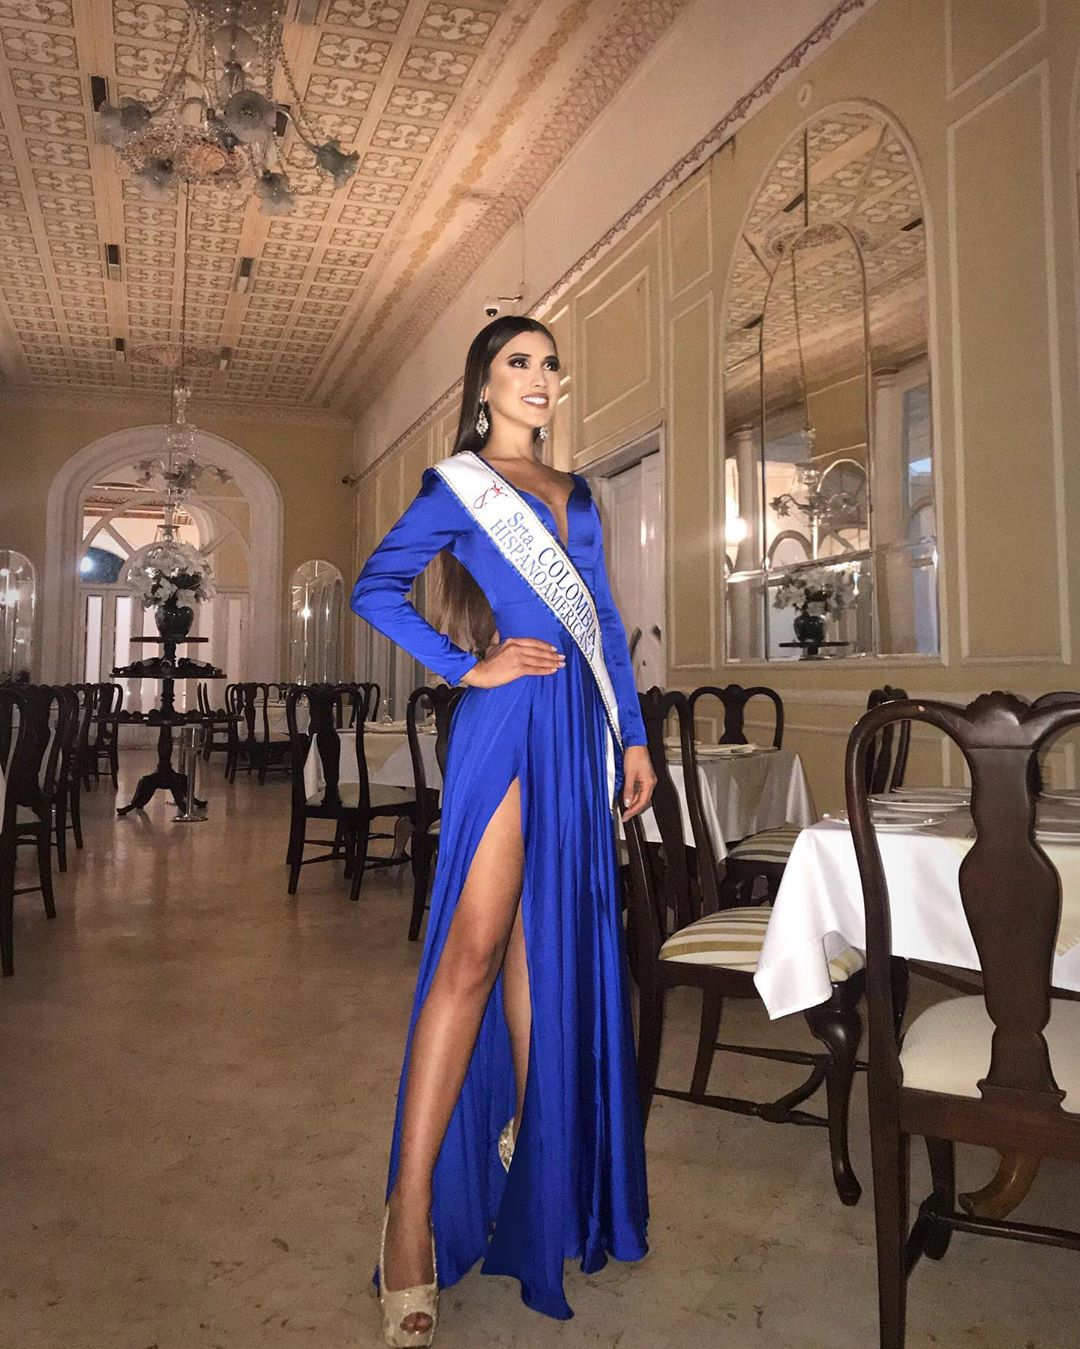 laura claro, primera finalista de reyna hispanoamericana 2019. - Página 3 73286310